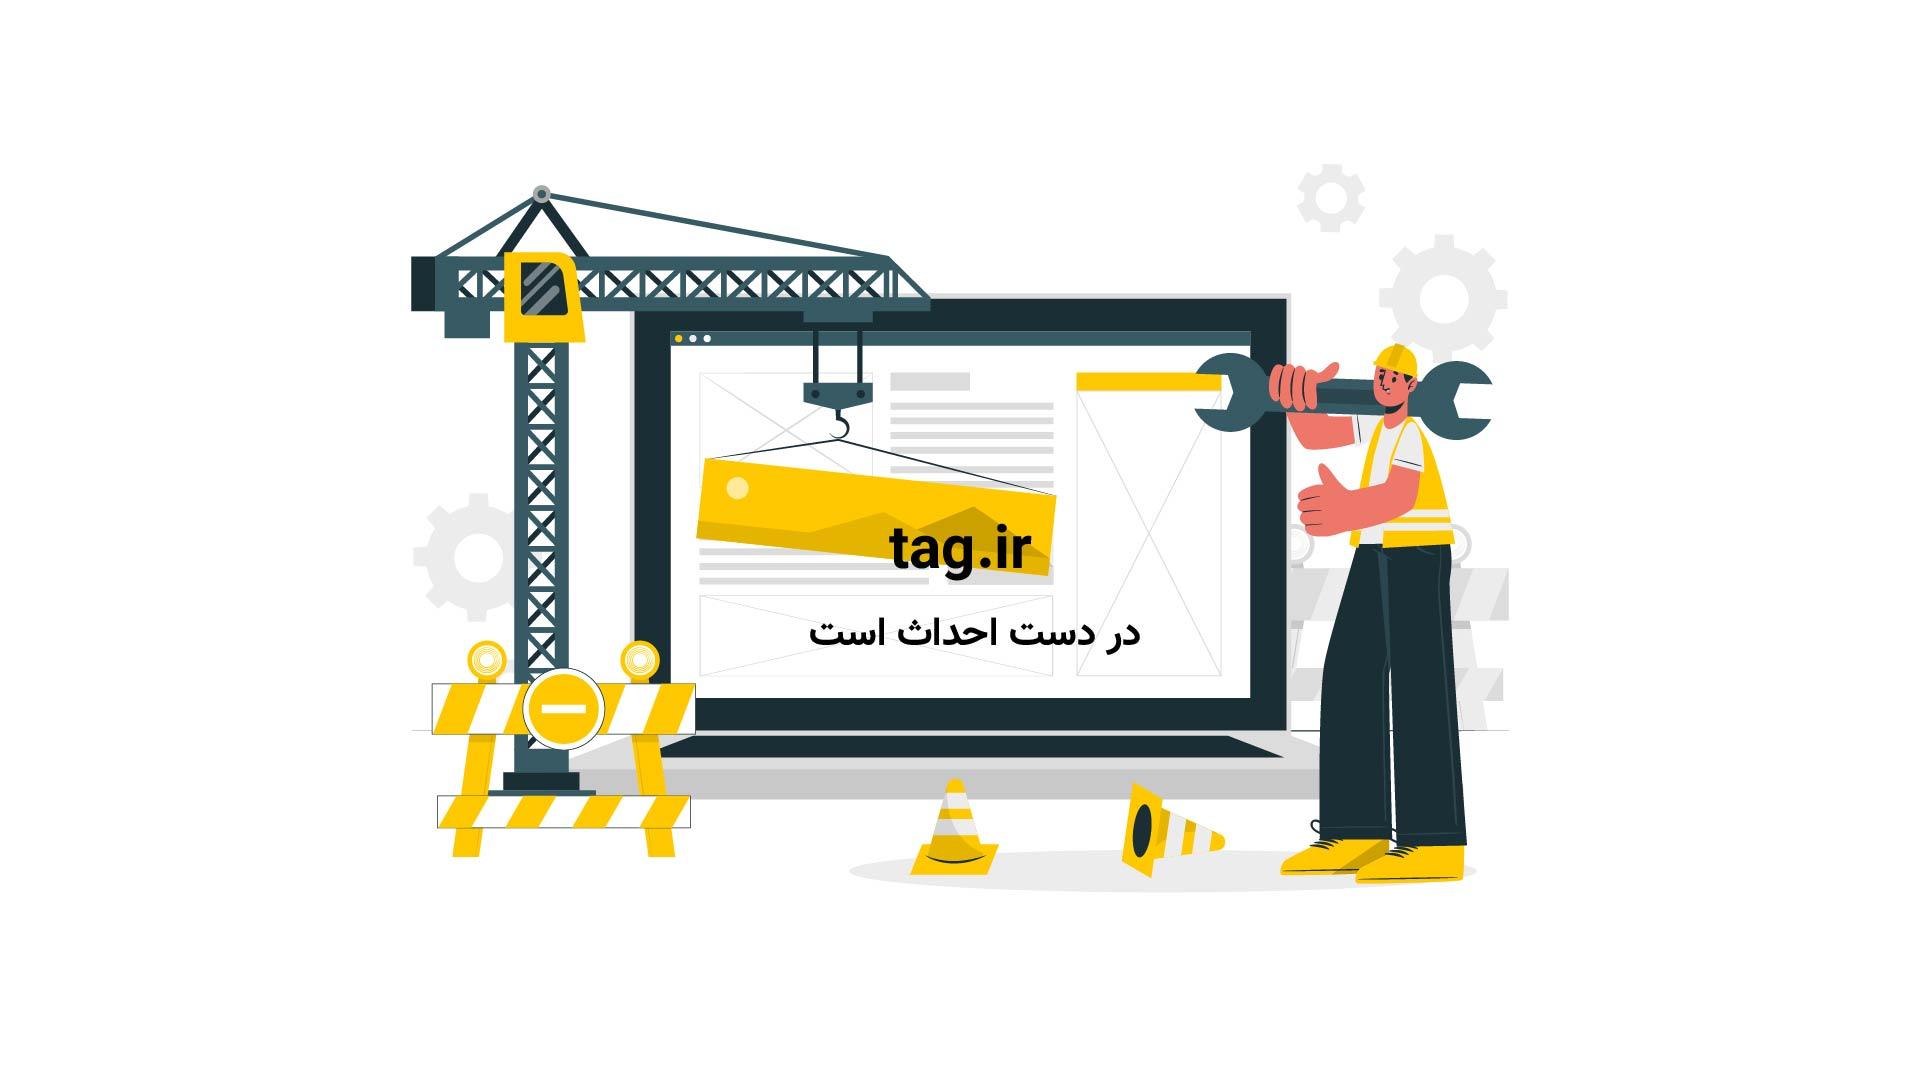 نخستین موزه زیر آب اروپا در جزایر قناری | فیلم